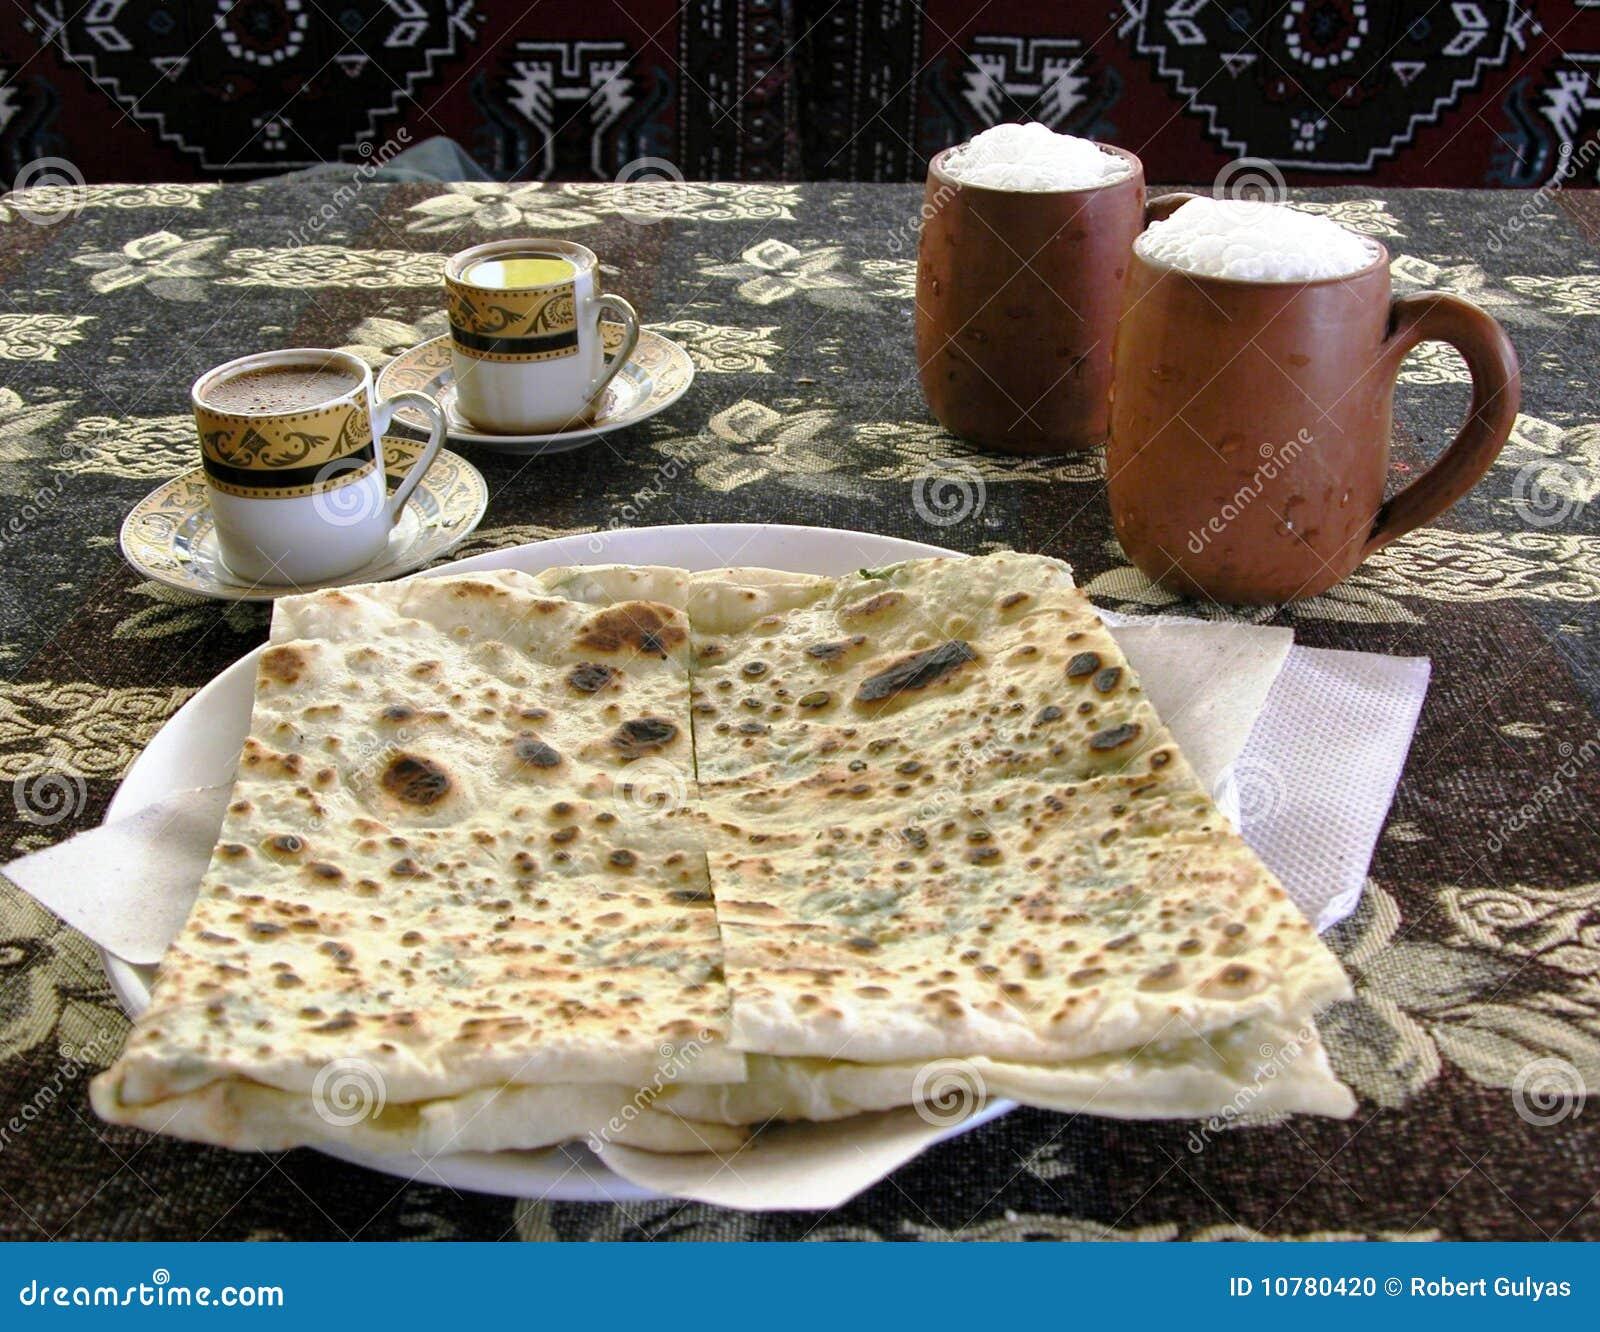 Turkse maaltijd